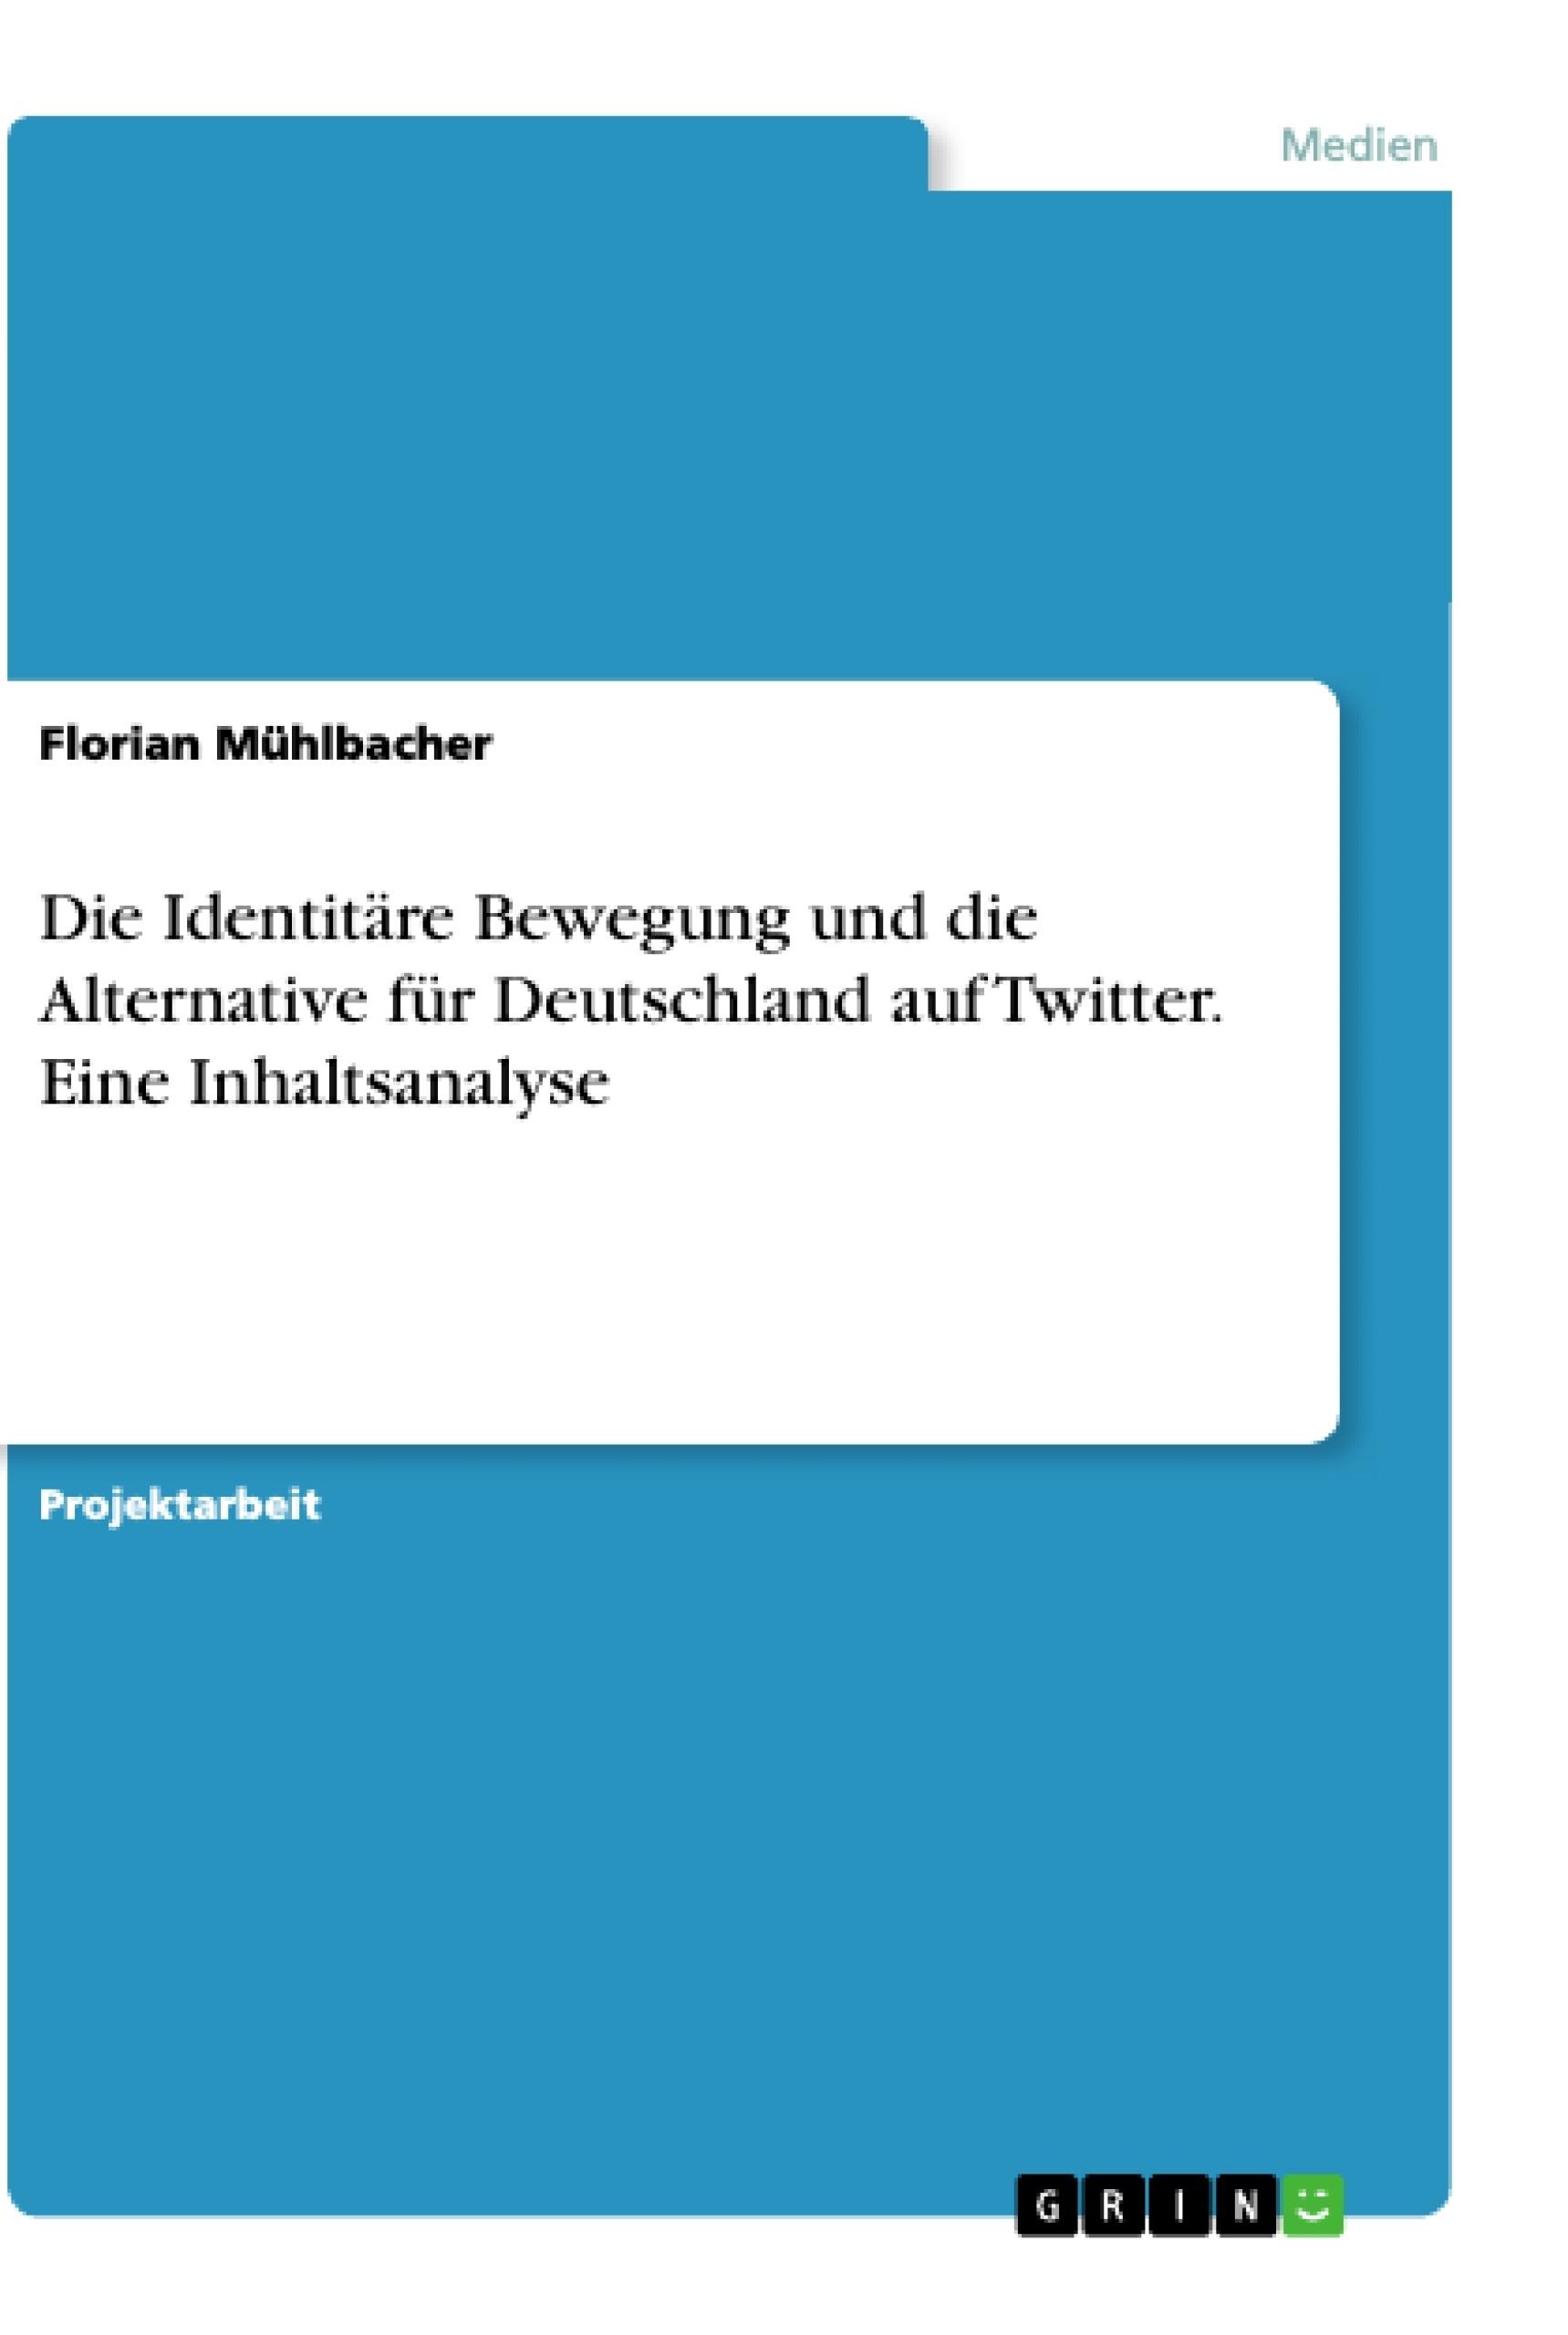 Titel: Die Identitäre Bewegung und die Alternative für Deutschland auf Twitter. Eine Inhaltsanalyse